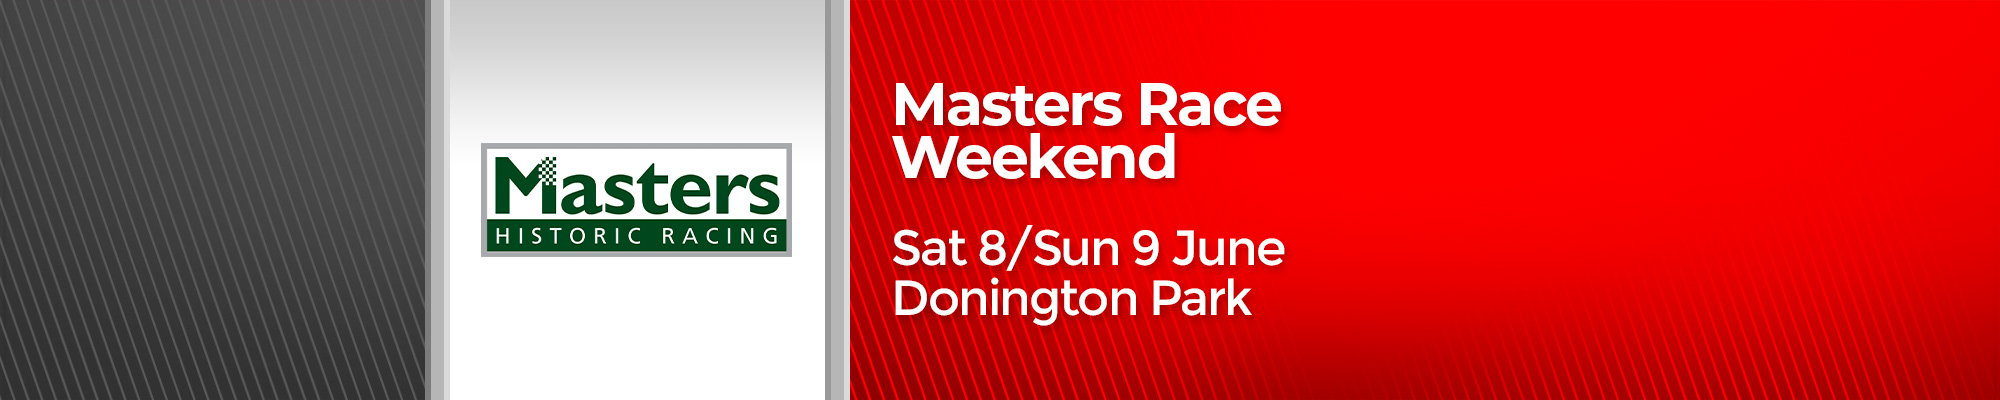 Masters Race Weekend